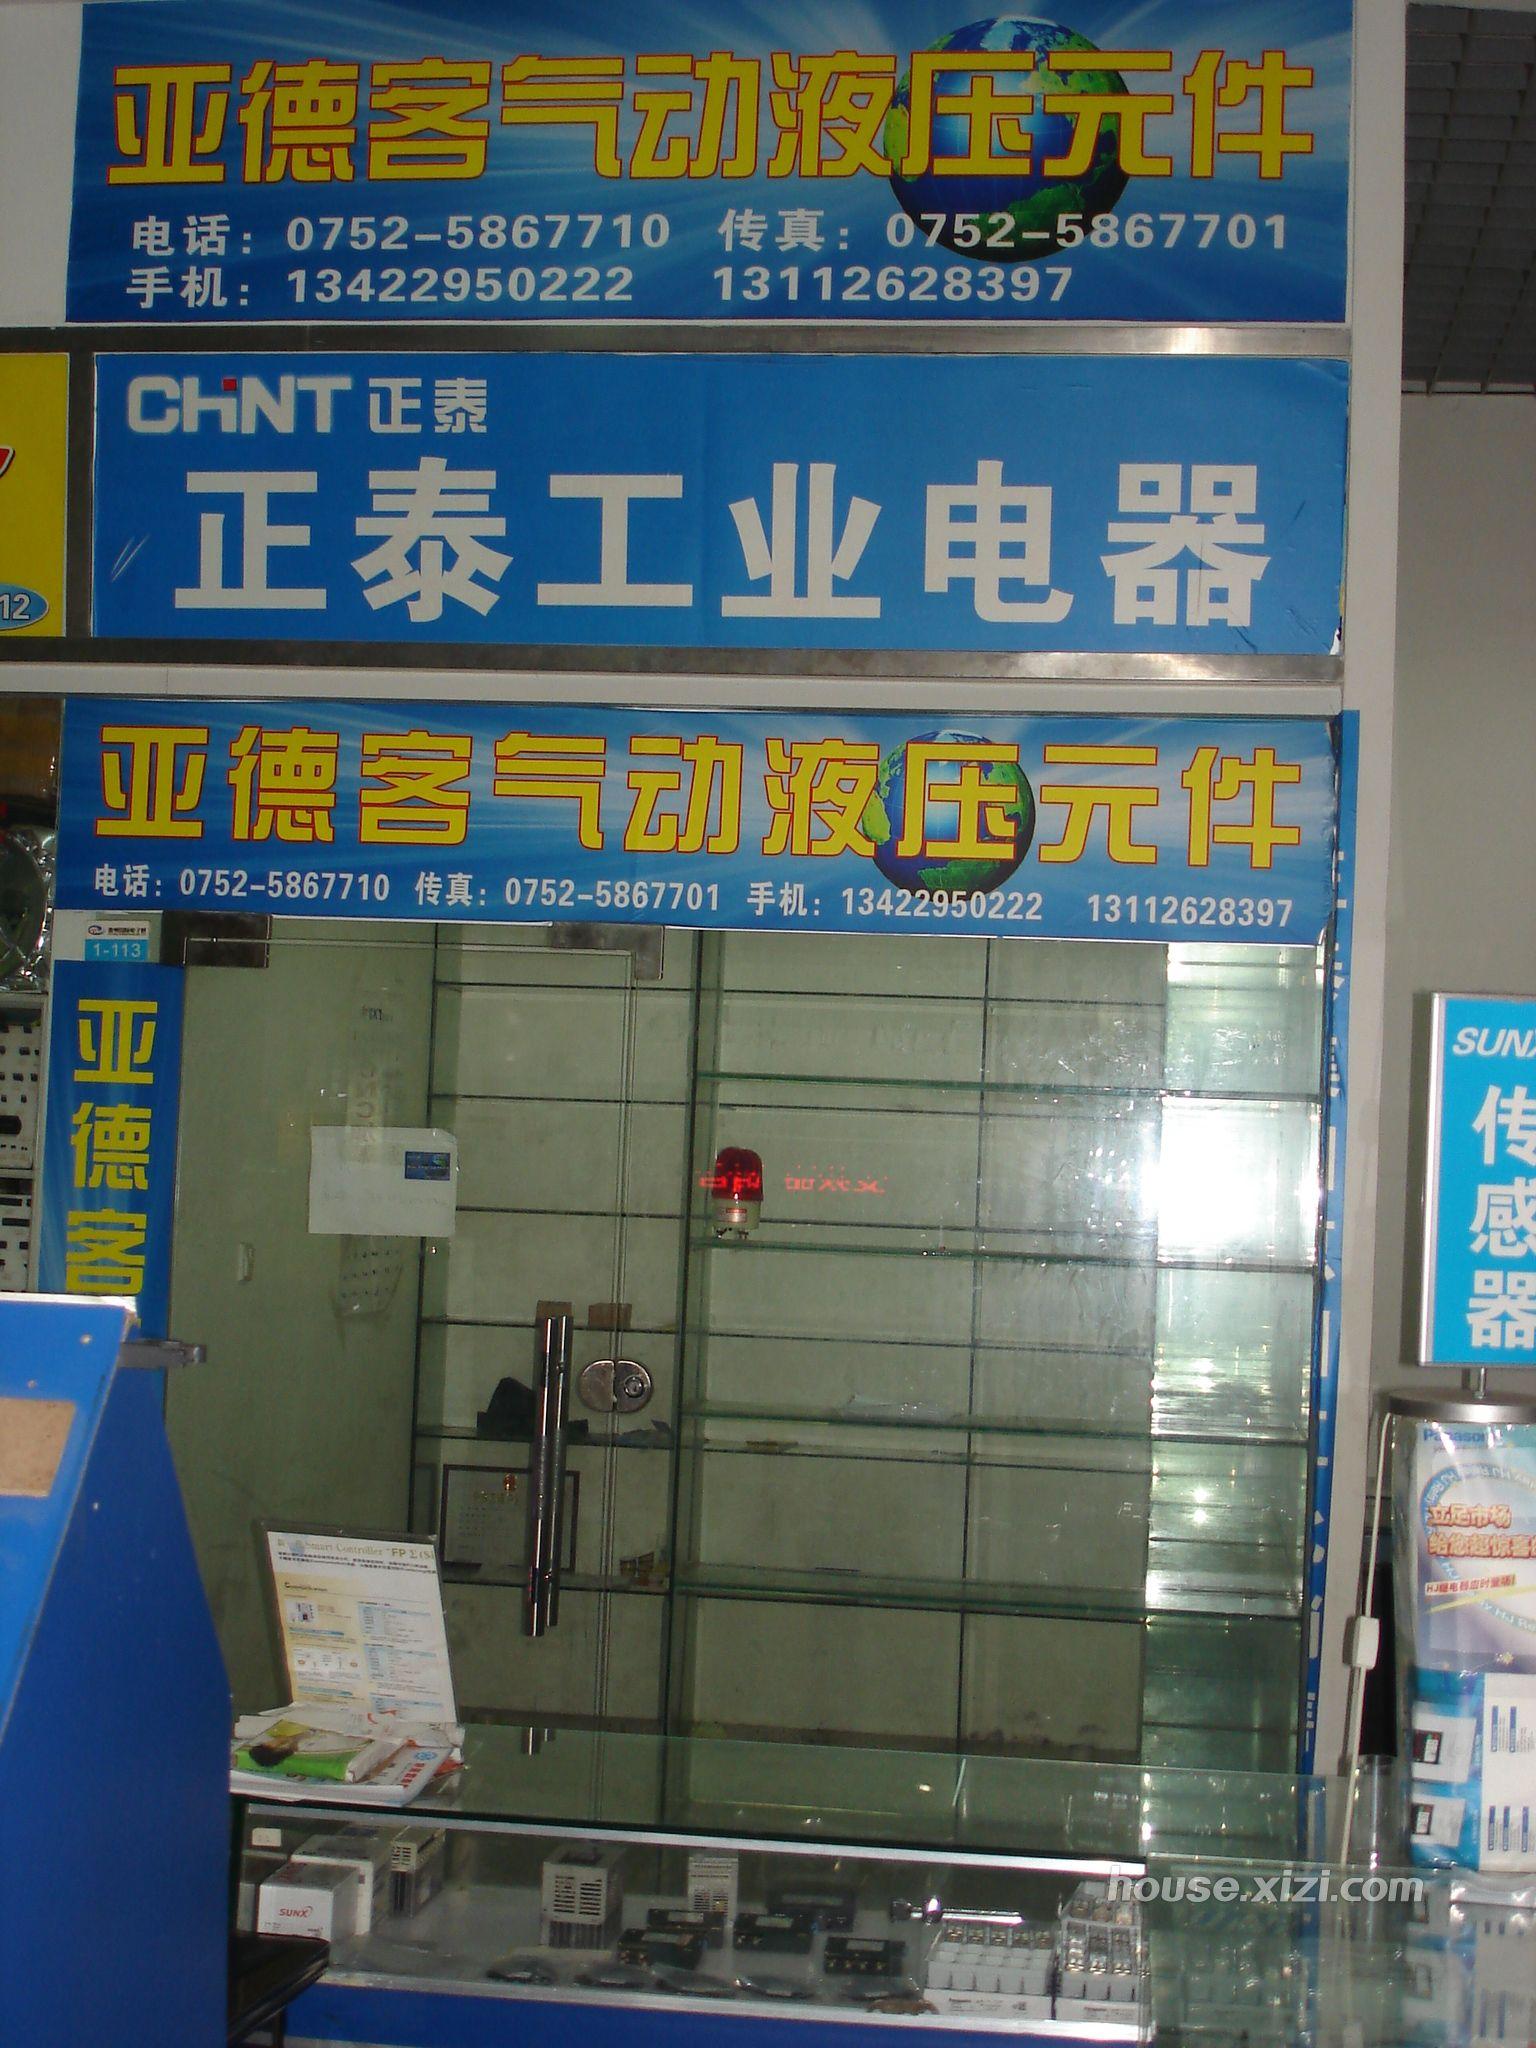 出租惠州江北电子城113号旺铺 商业街商铺 1800元/月